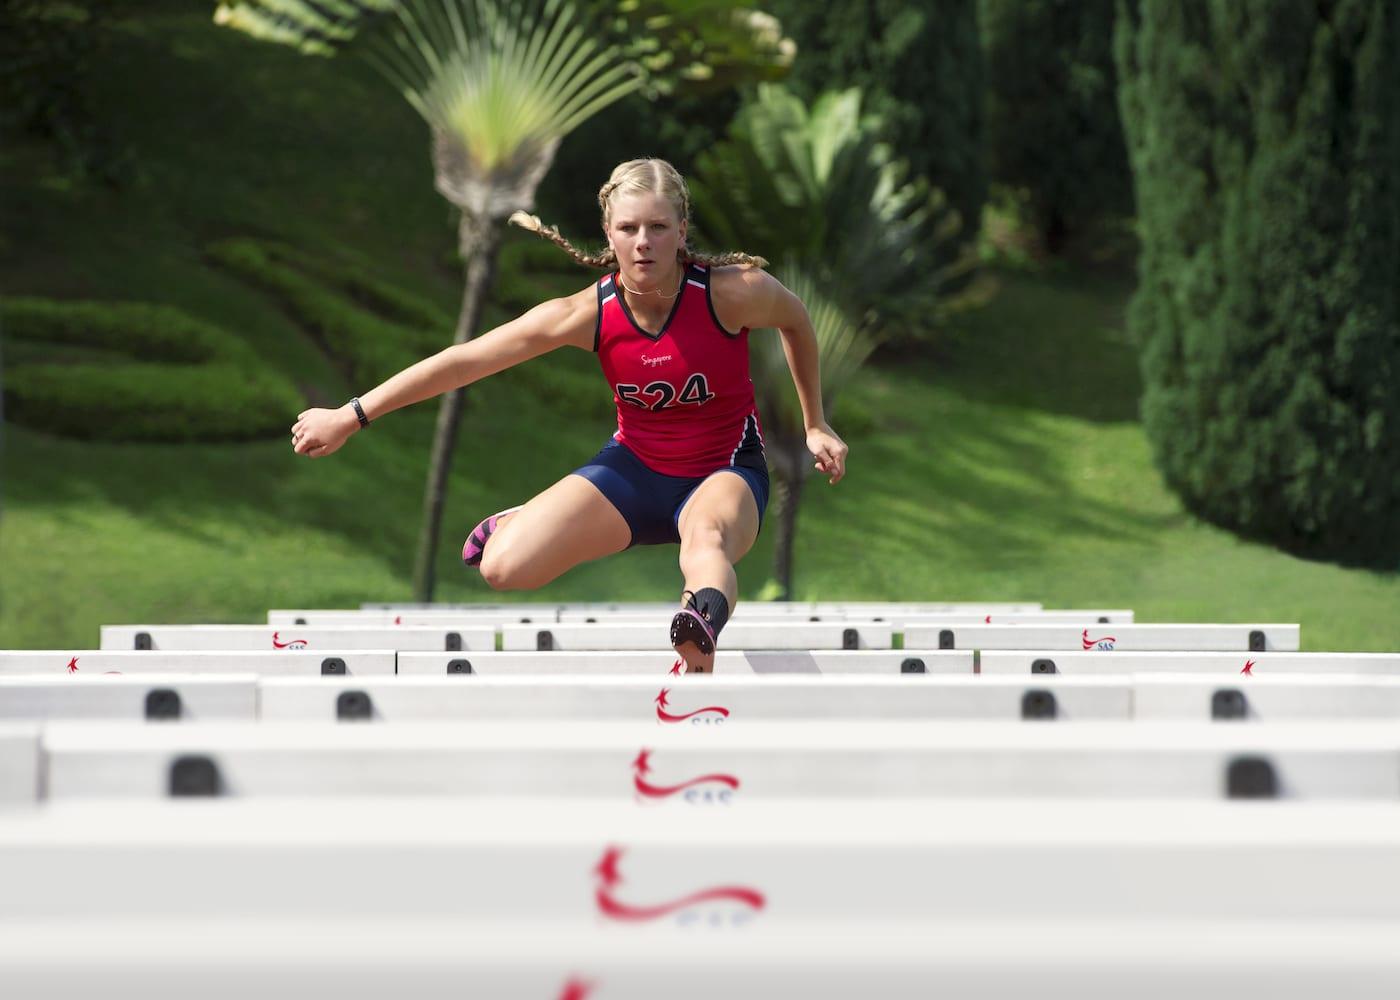 Athletics programs at international schools